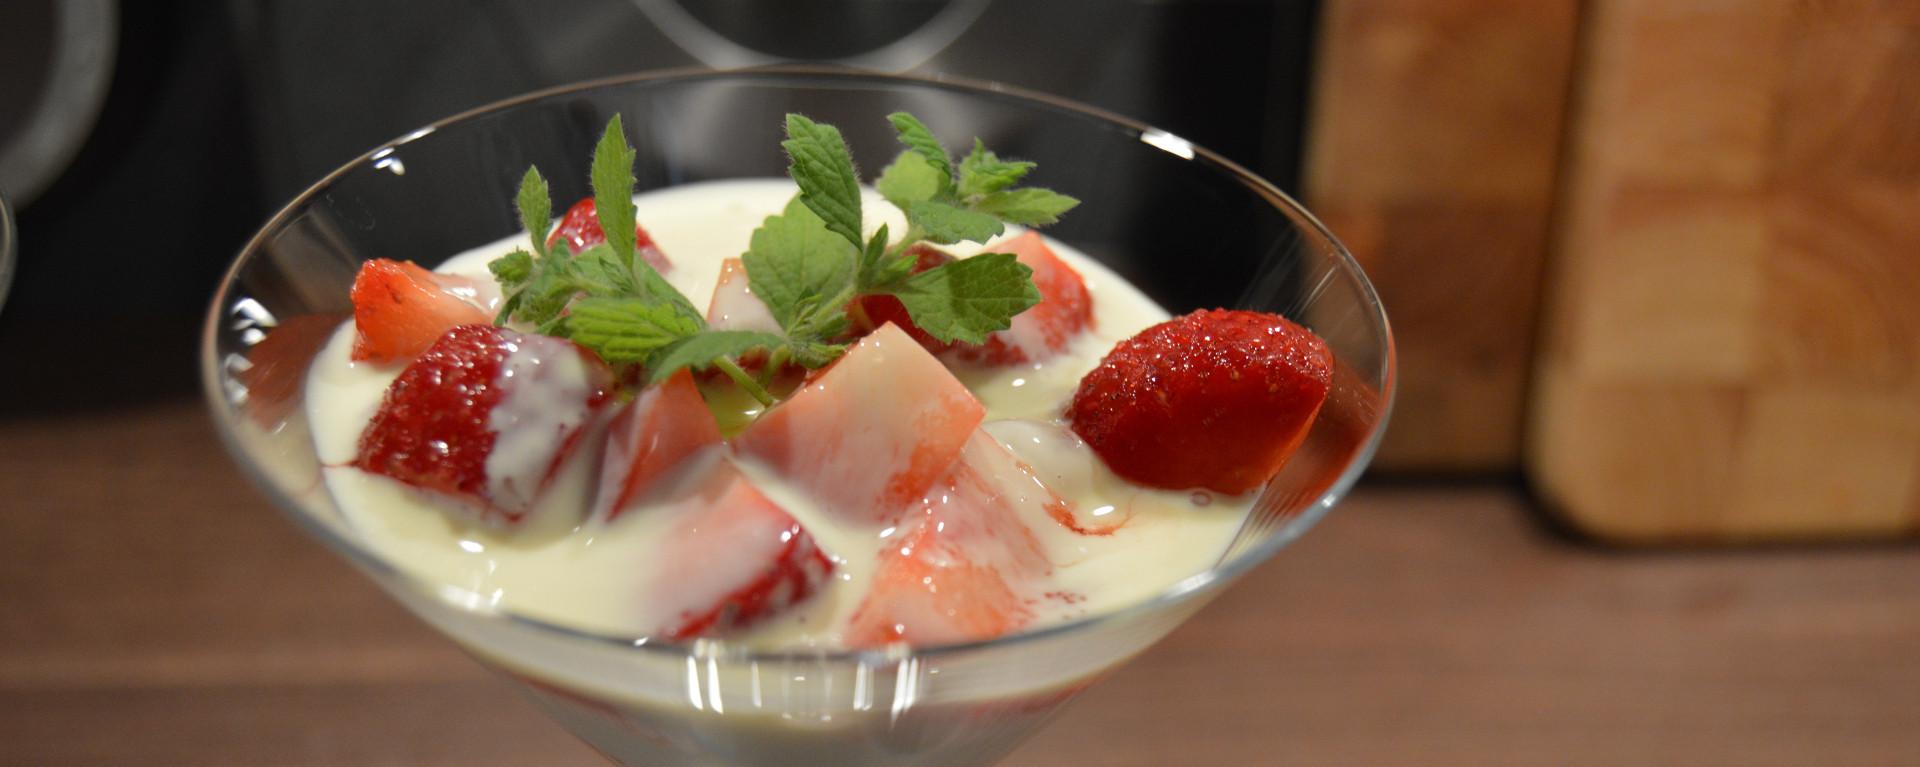 Norwegian Strawberries with vanilla sauce